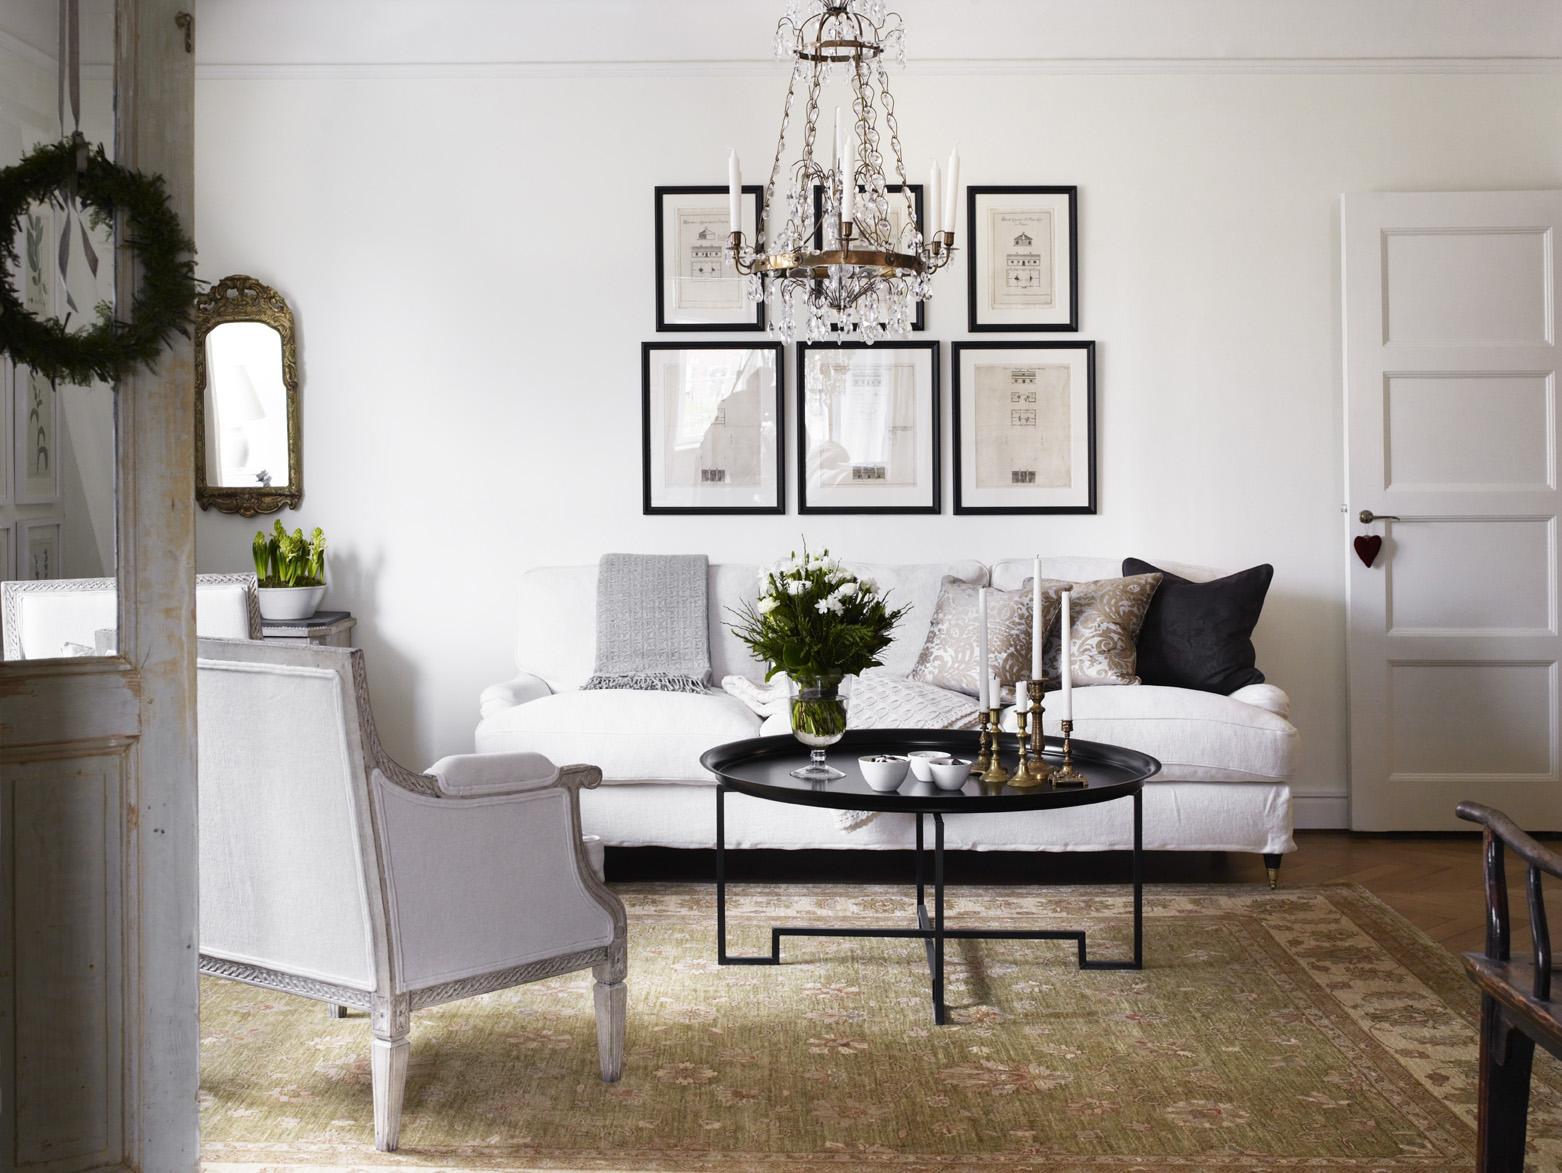 annehem fin inredning. Black Bedroom Furniture Sets. Home Design Ideas